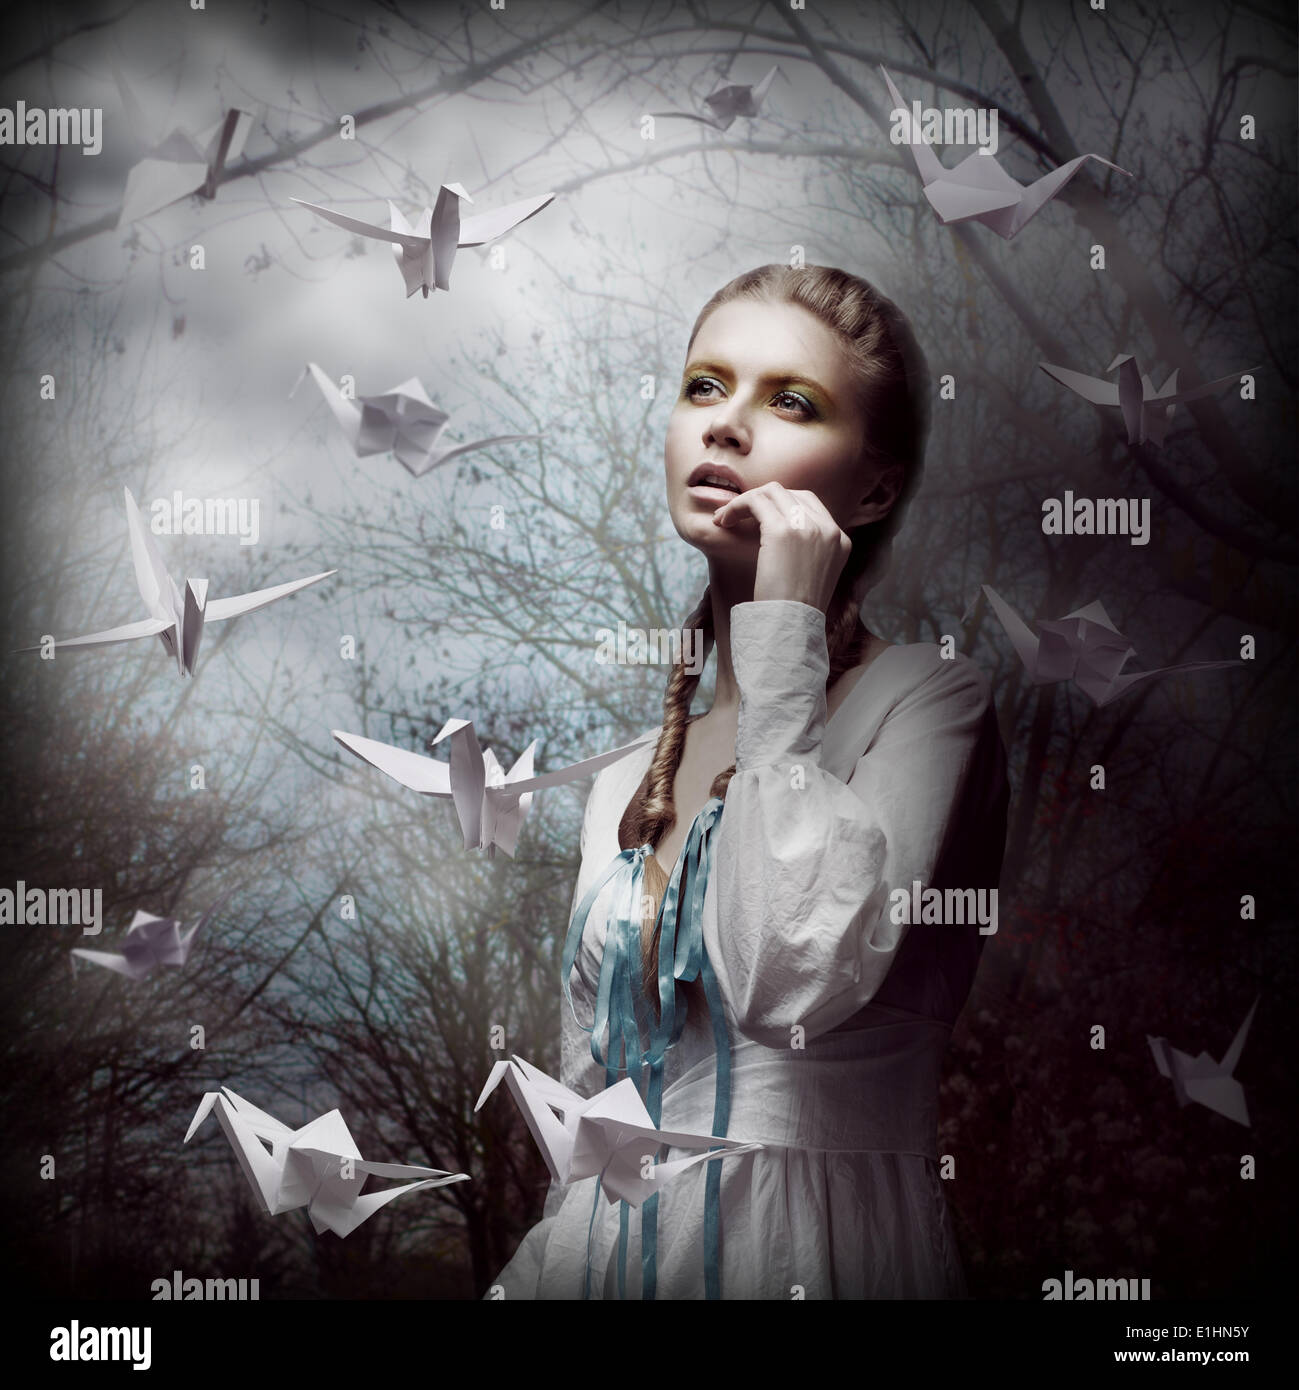 La inspiración. Mujer con origami cisnes blancos volando en oscuro bosque místico Foto de stock